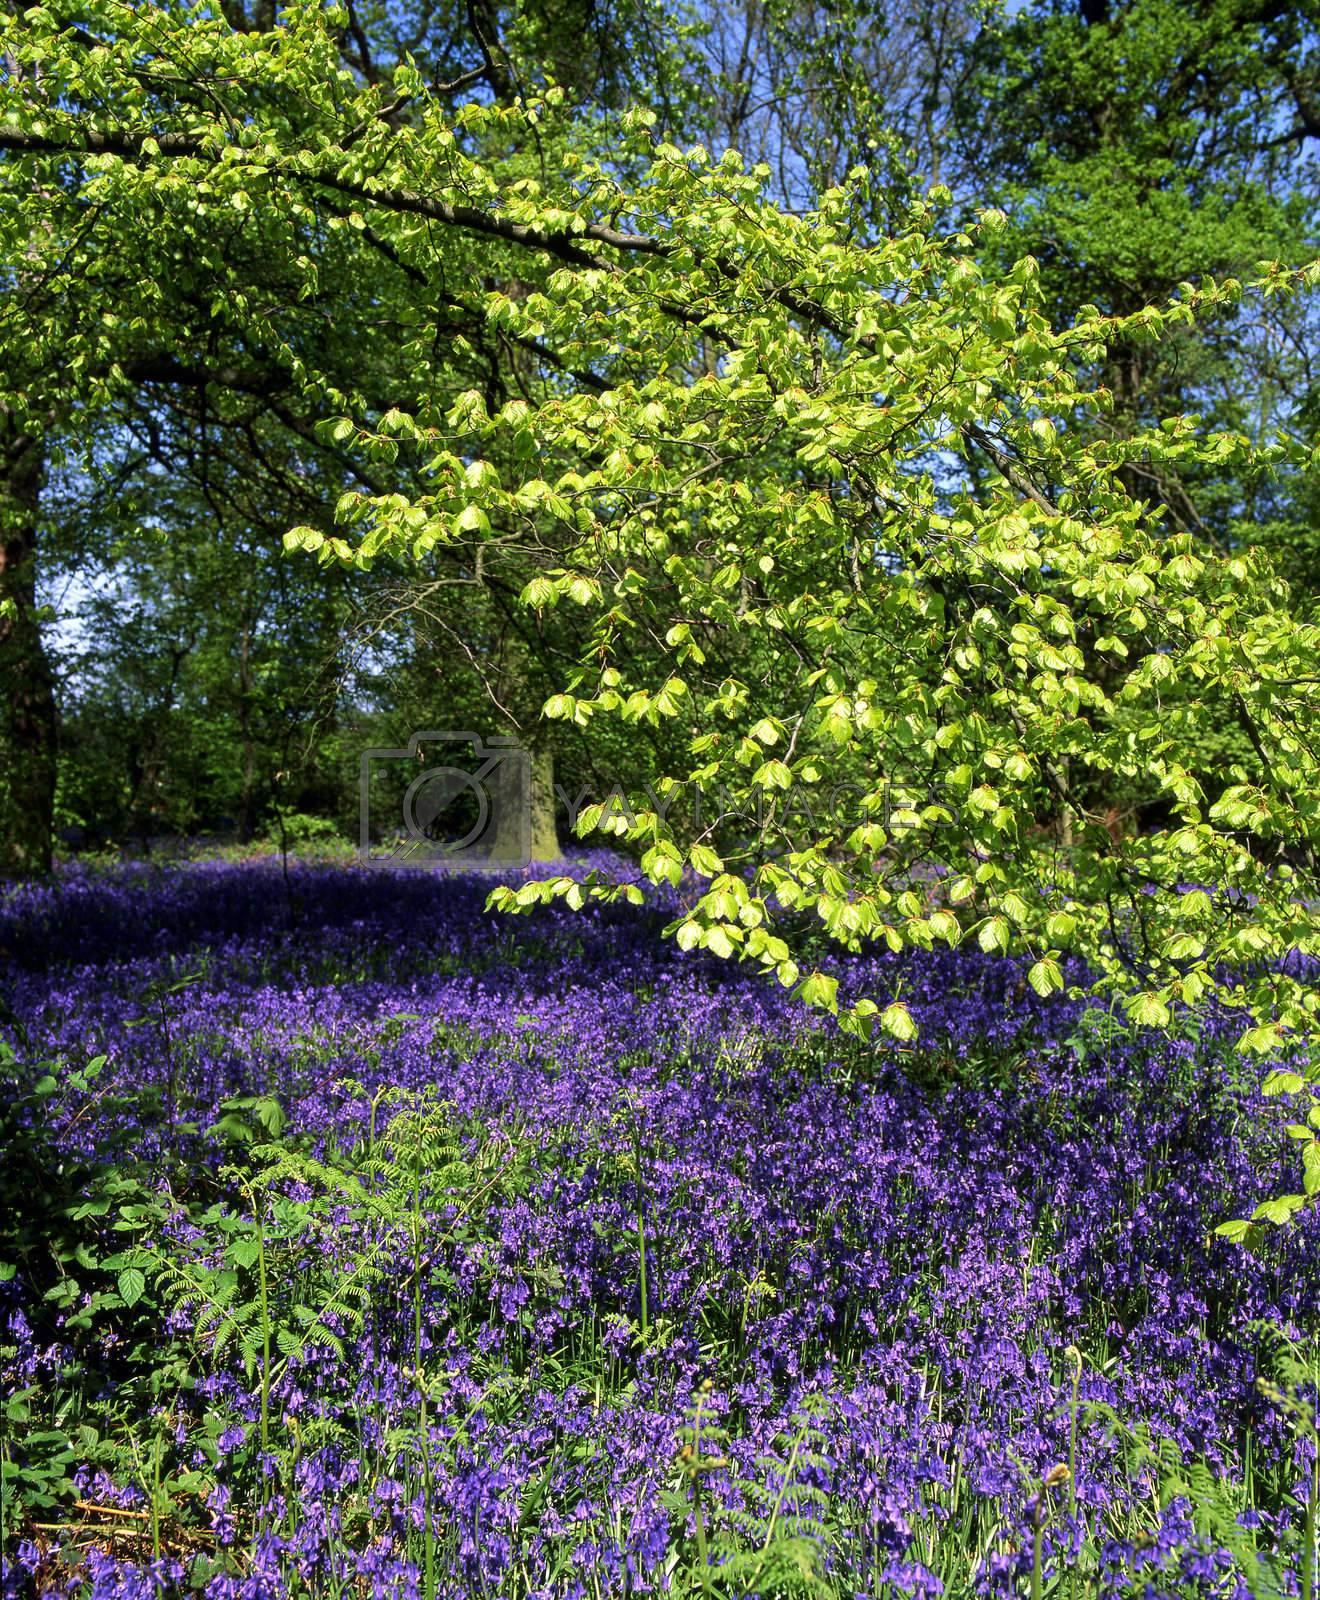 Bluebell Wood by runamock